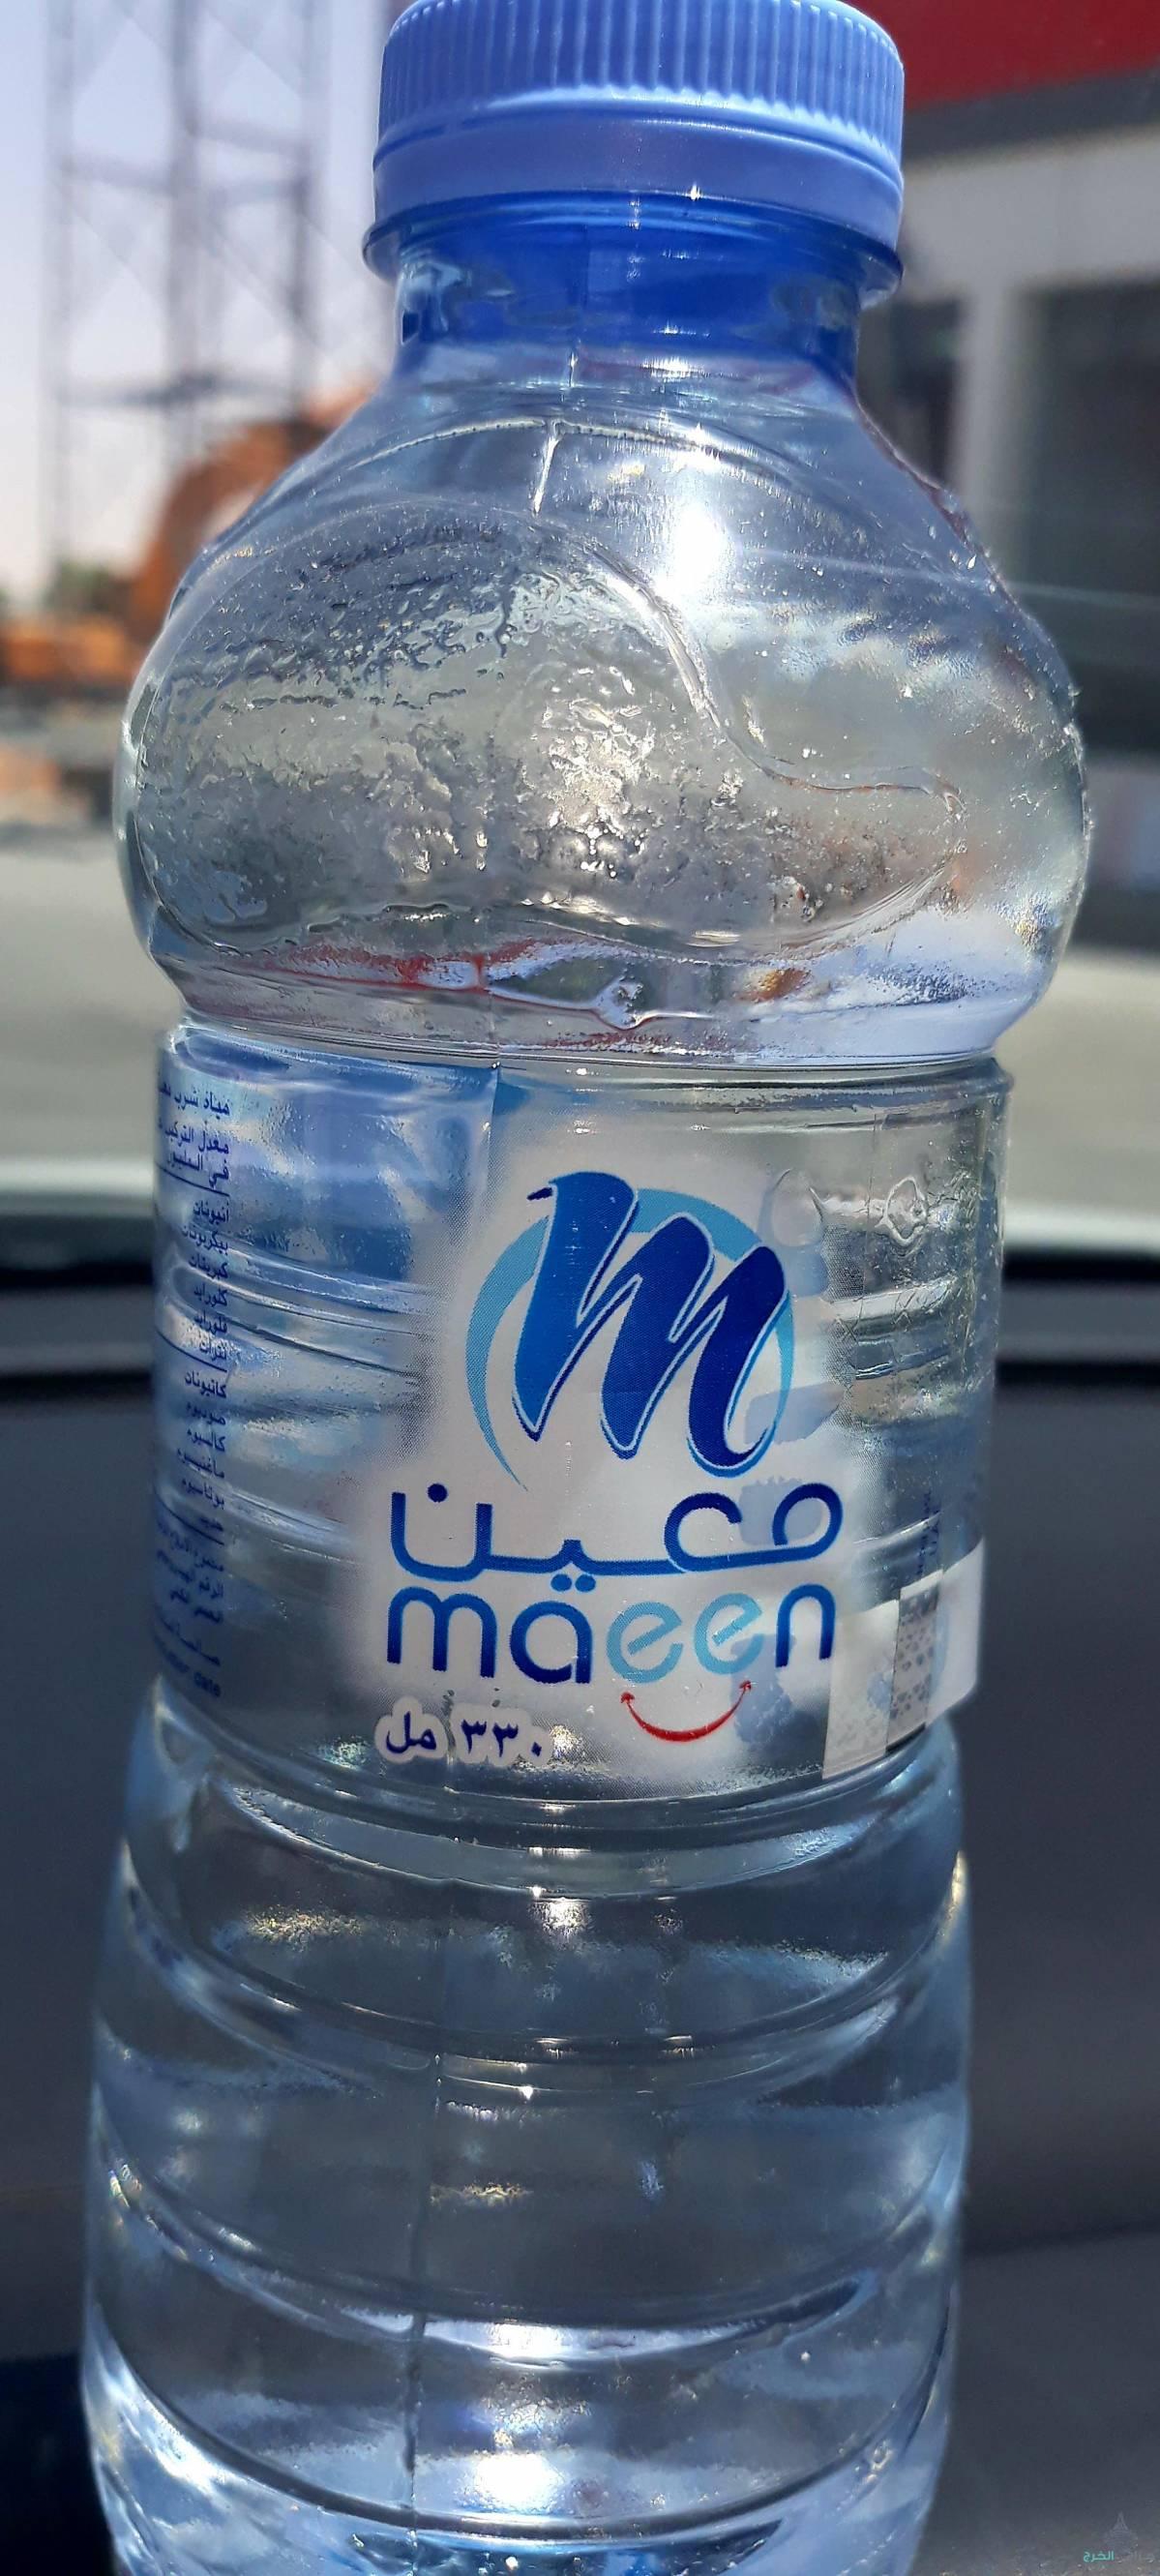 توصيل مياه بسعر جمله لجميع الاماكن بالخرج